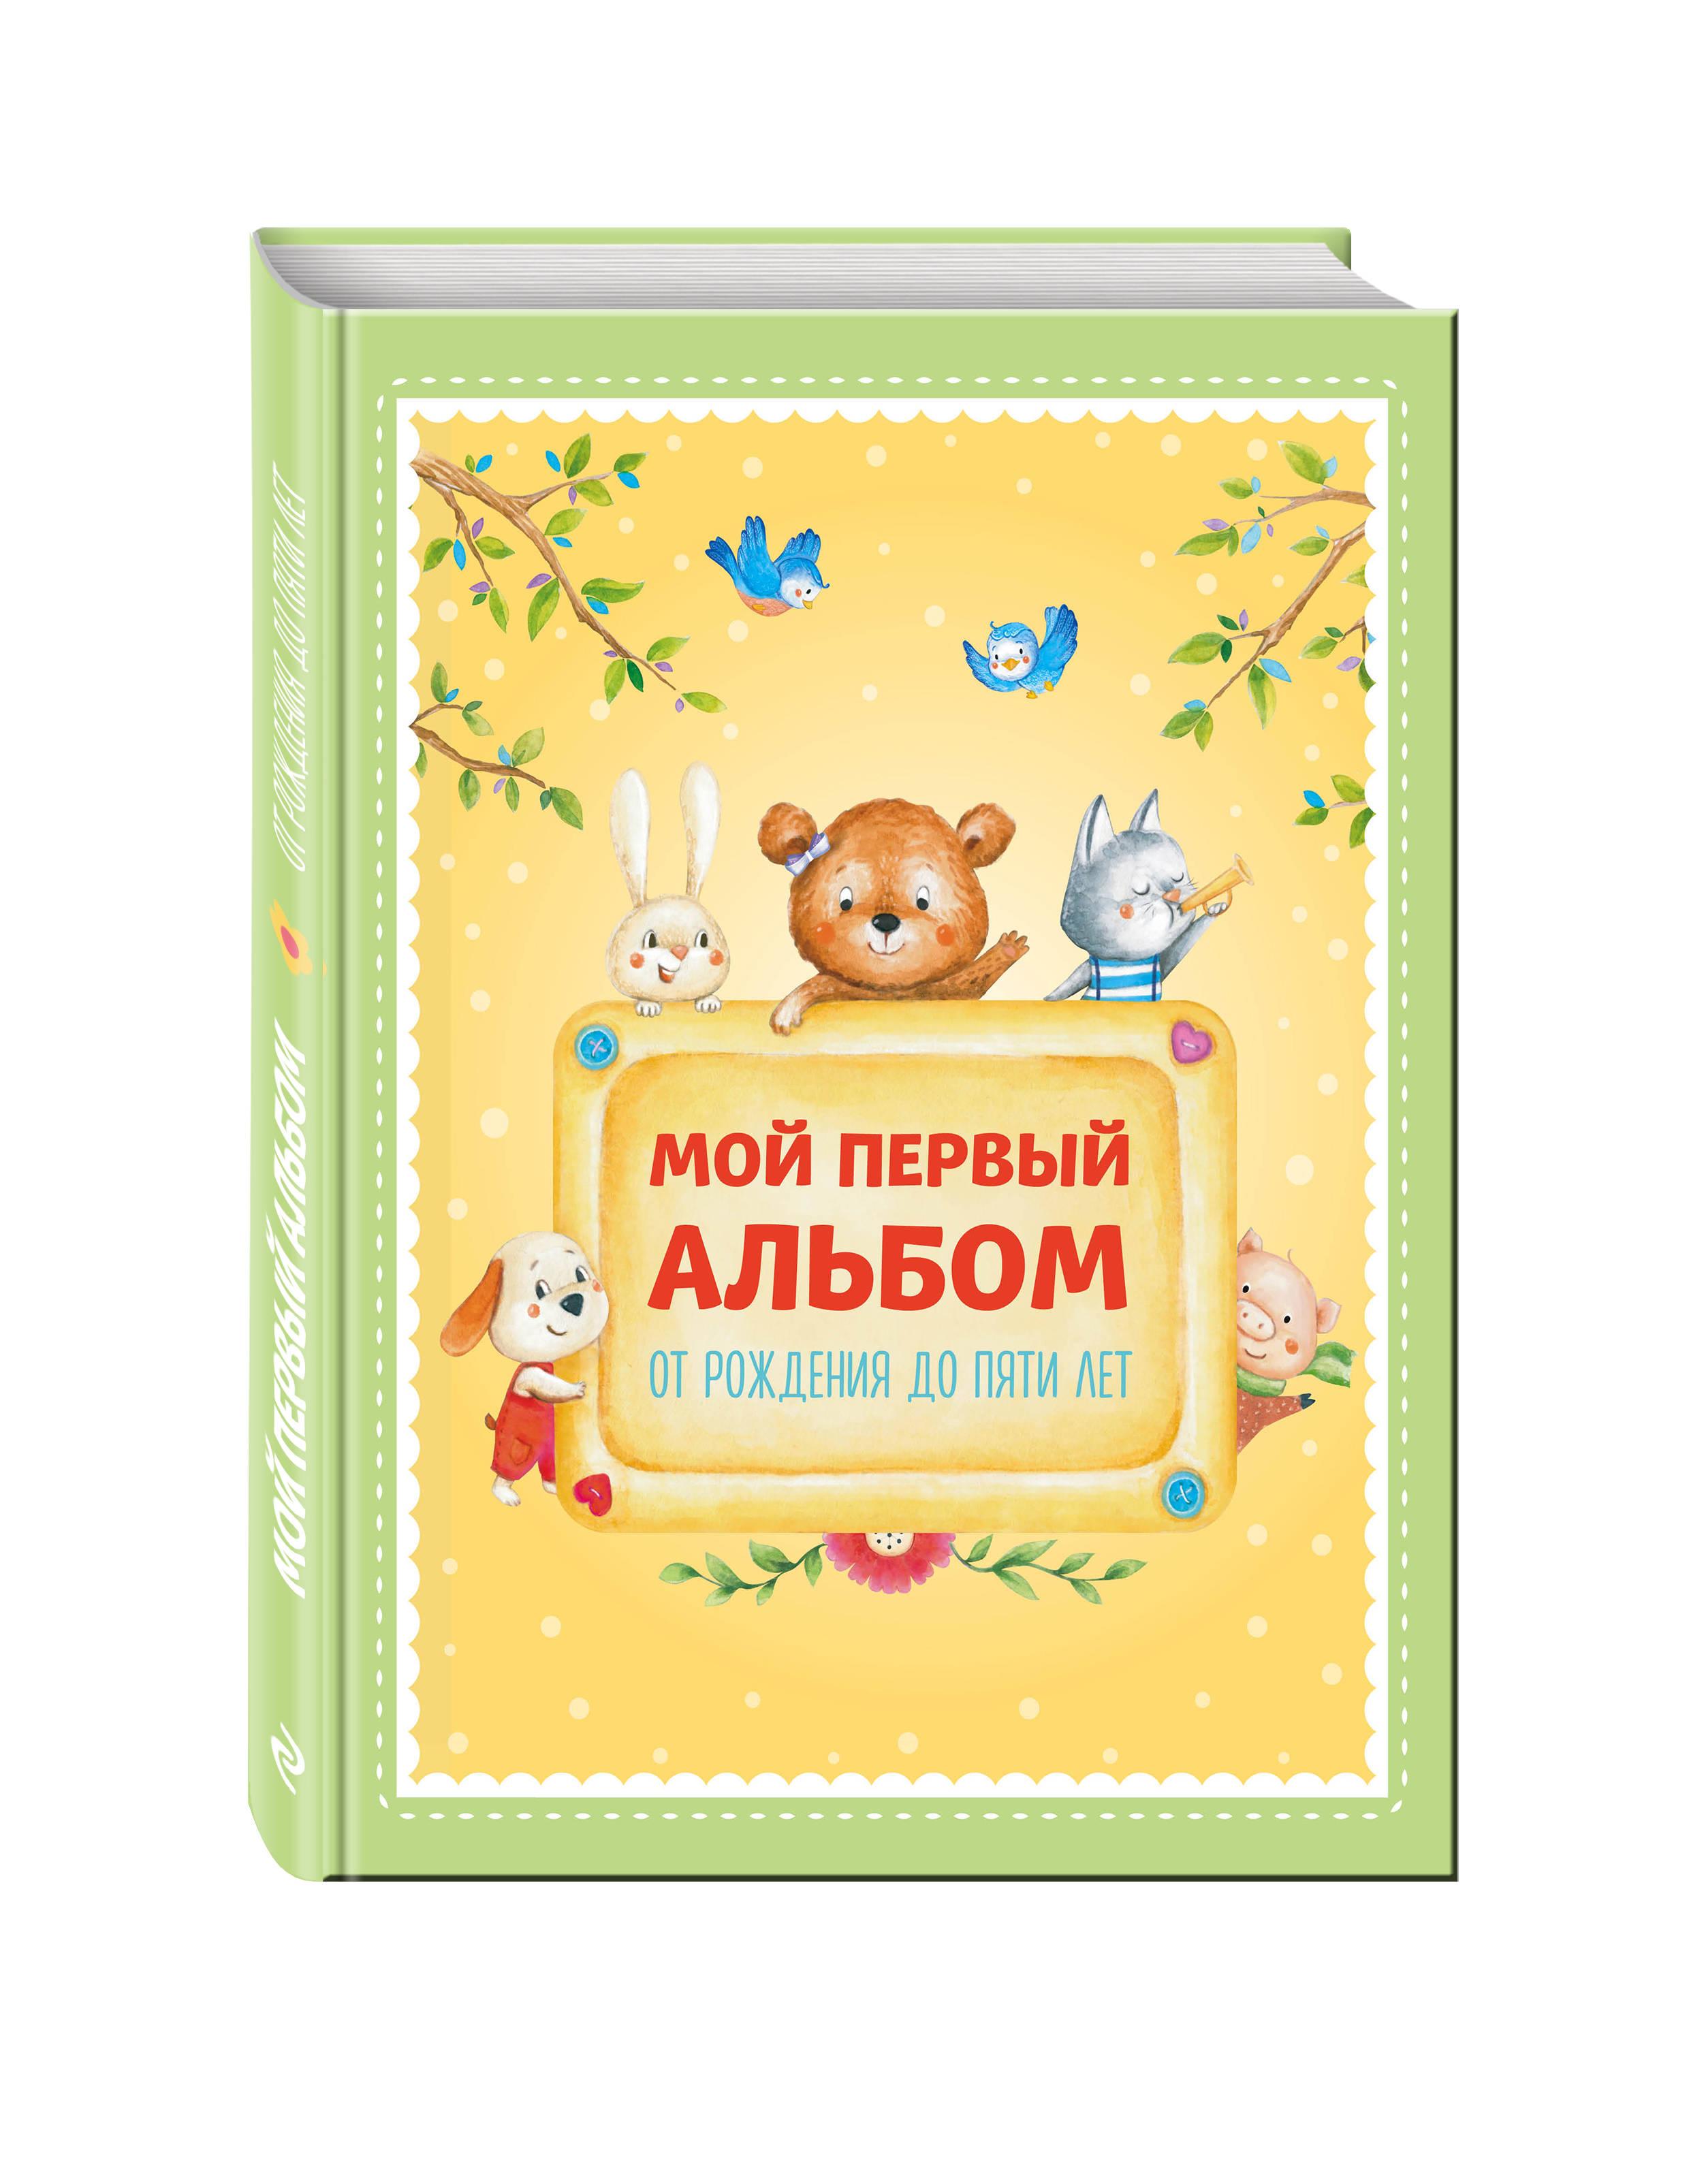 Мой первый альбом. От рождения до пяти лет (для Почты России) ( Епифанова О.  )